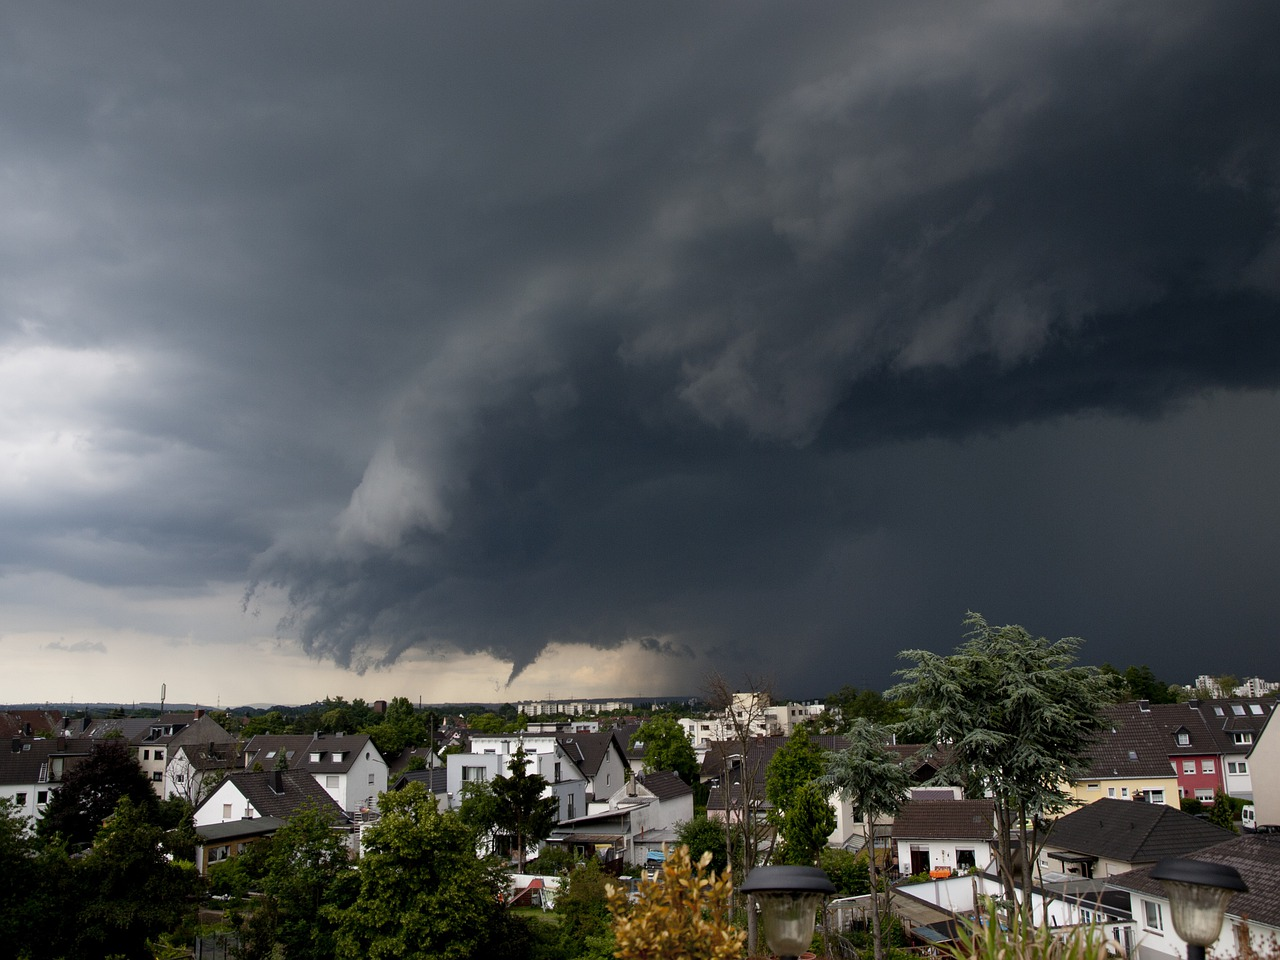 Погода в Саратовской области на сегодня - пятница 11 июня 2021 года